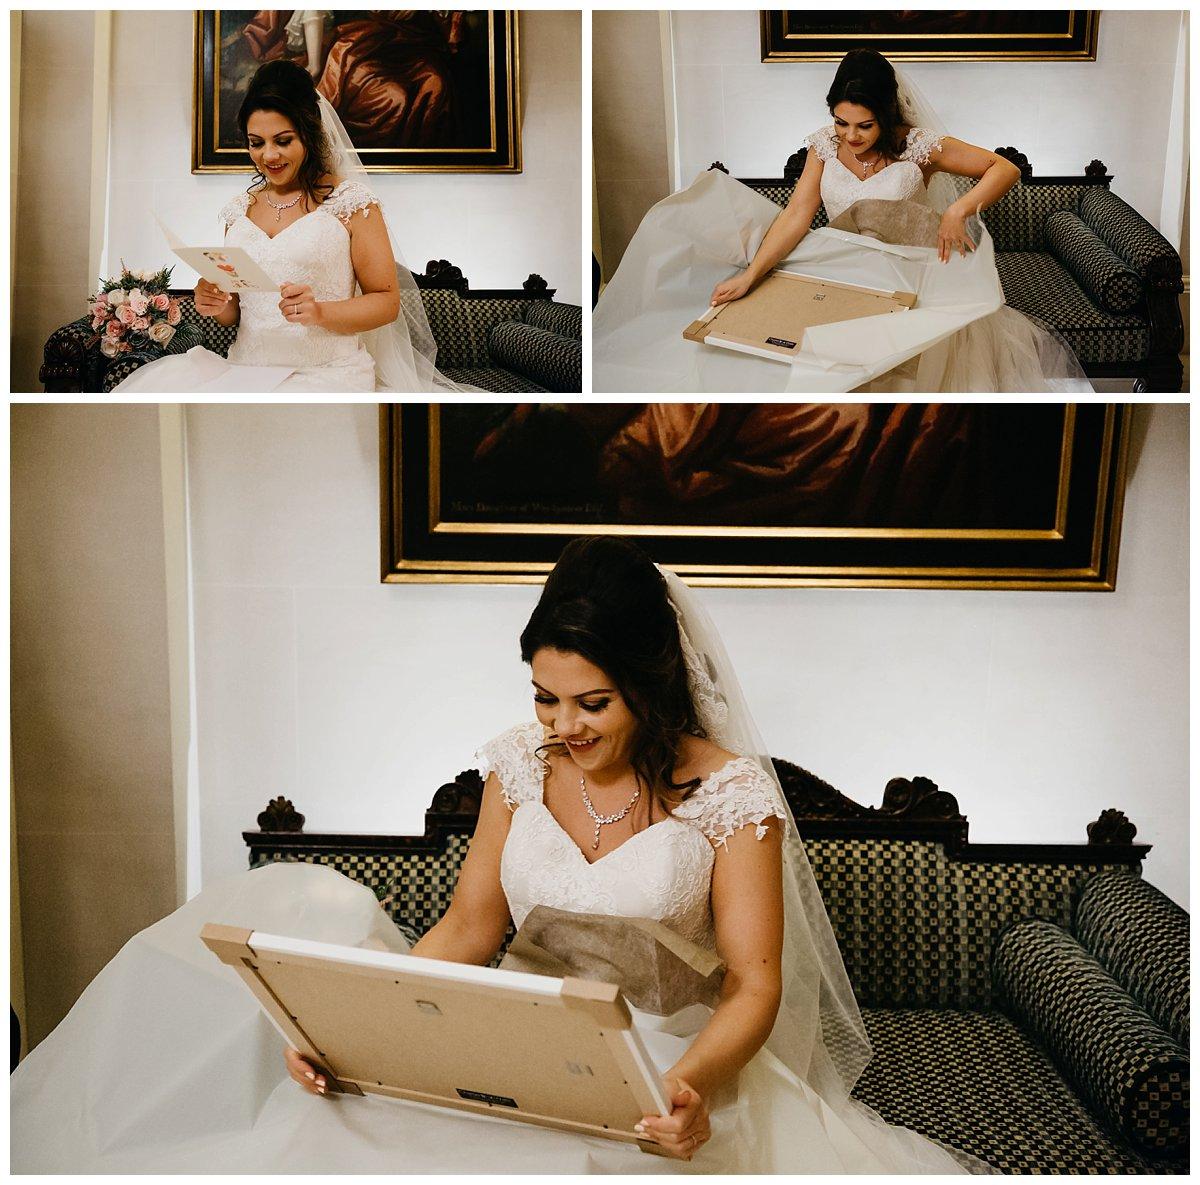 lanesborough hotel london wedding photographer 0081